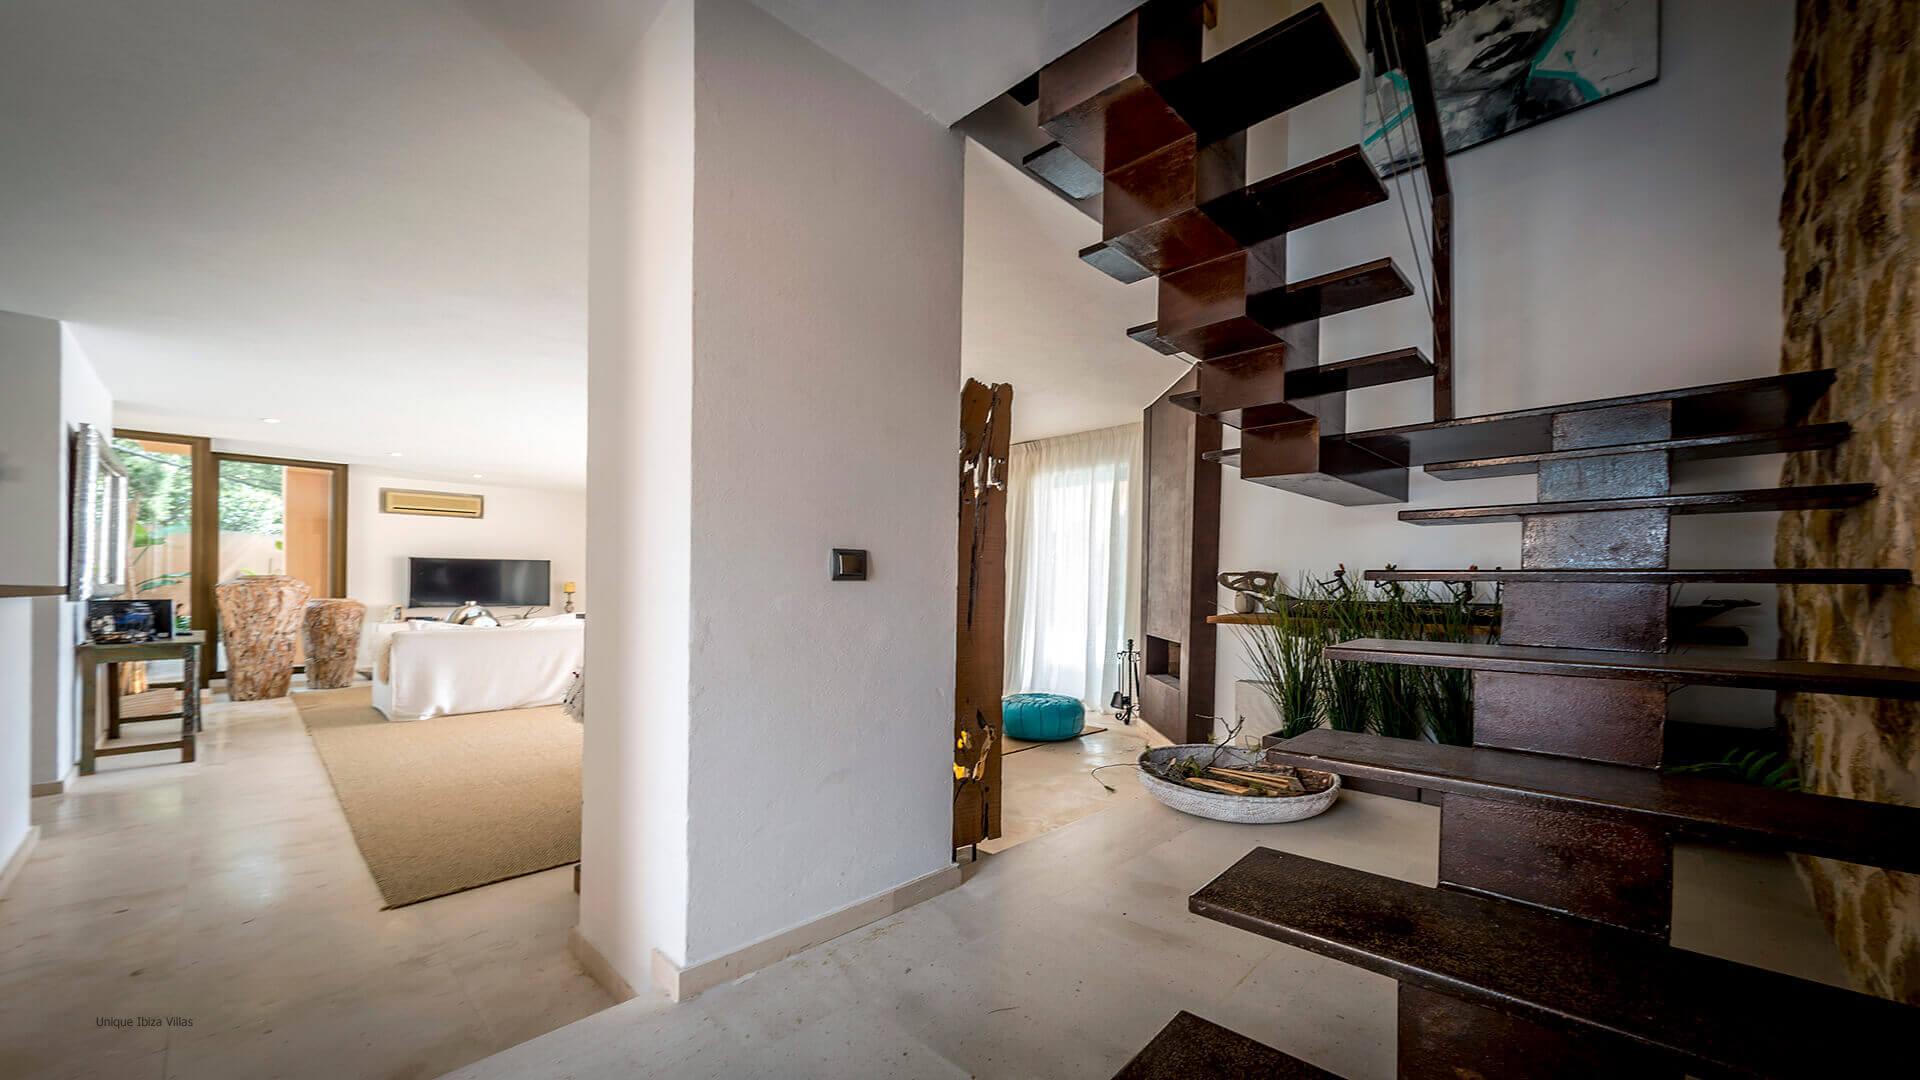 La Villa Ibiza 23 Calo Den Real